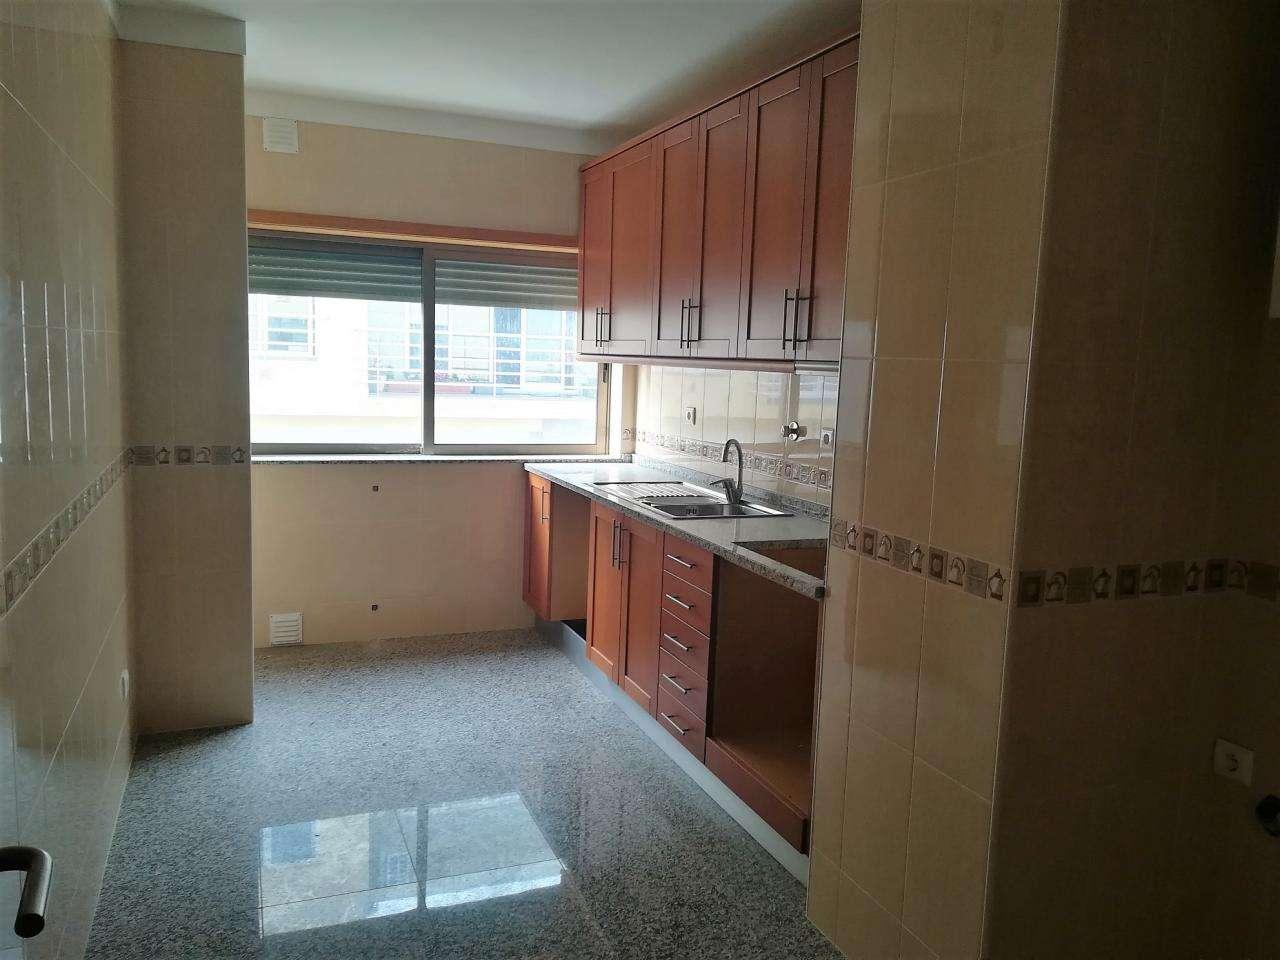 Apartamento para comprar, Caminha (Matriz) e Vilarelho, Viana do Castelo - Foto 1